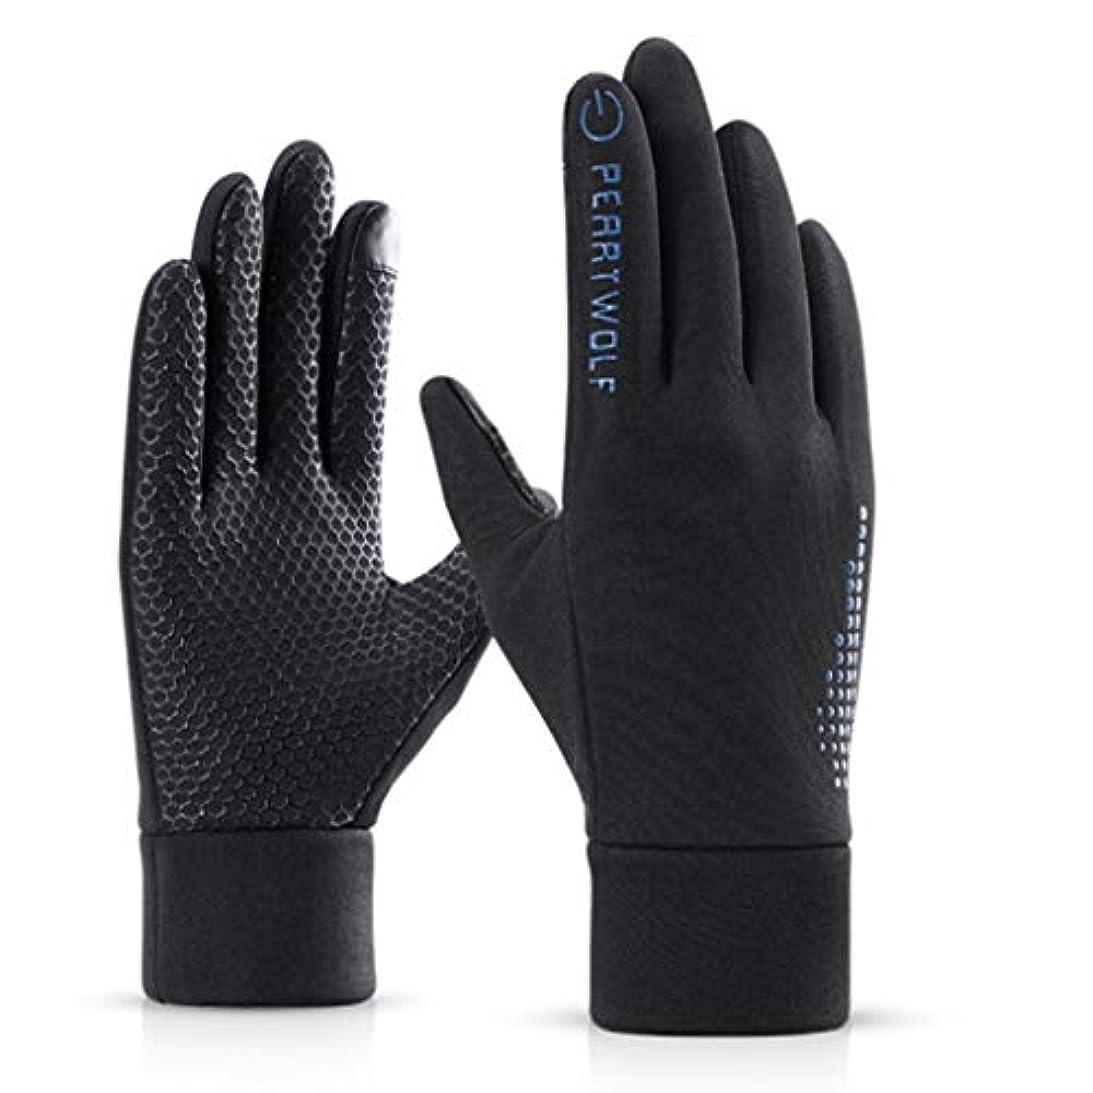 押し下げる不透明な申請者手袋男性の冬のライディングプラスベルベット暖かい防風冷たい韓国人の学生のタッチスクリーンスポーツメンズ手袋